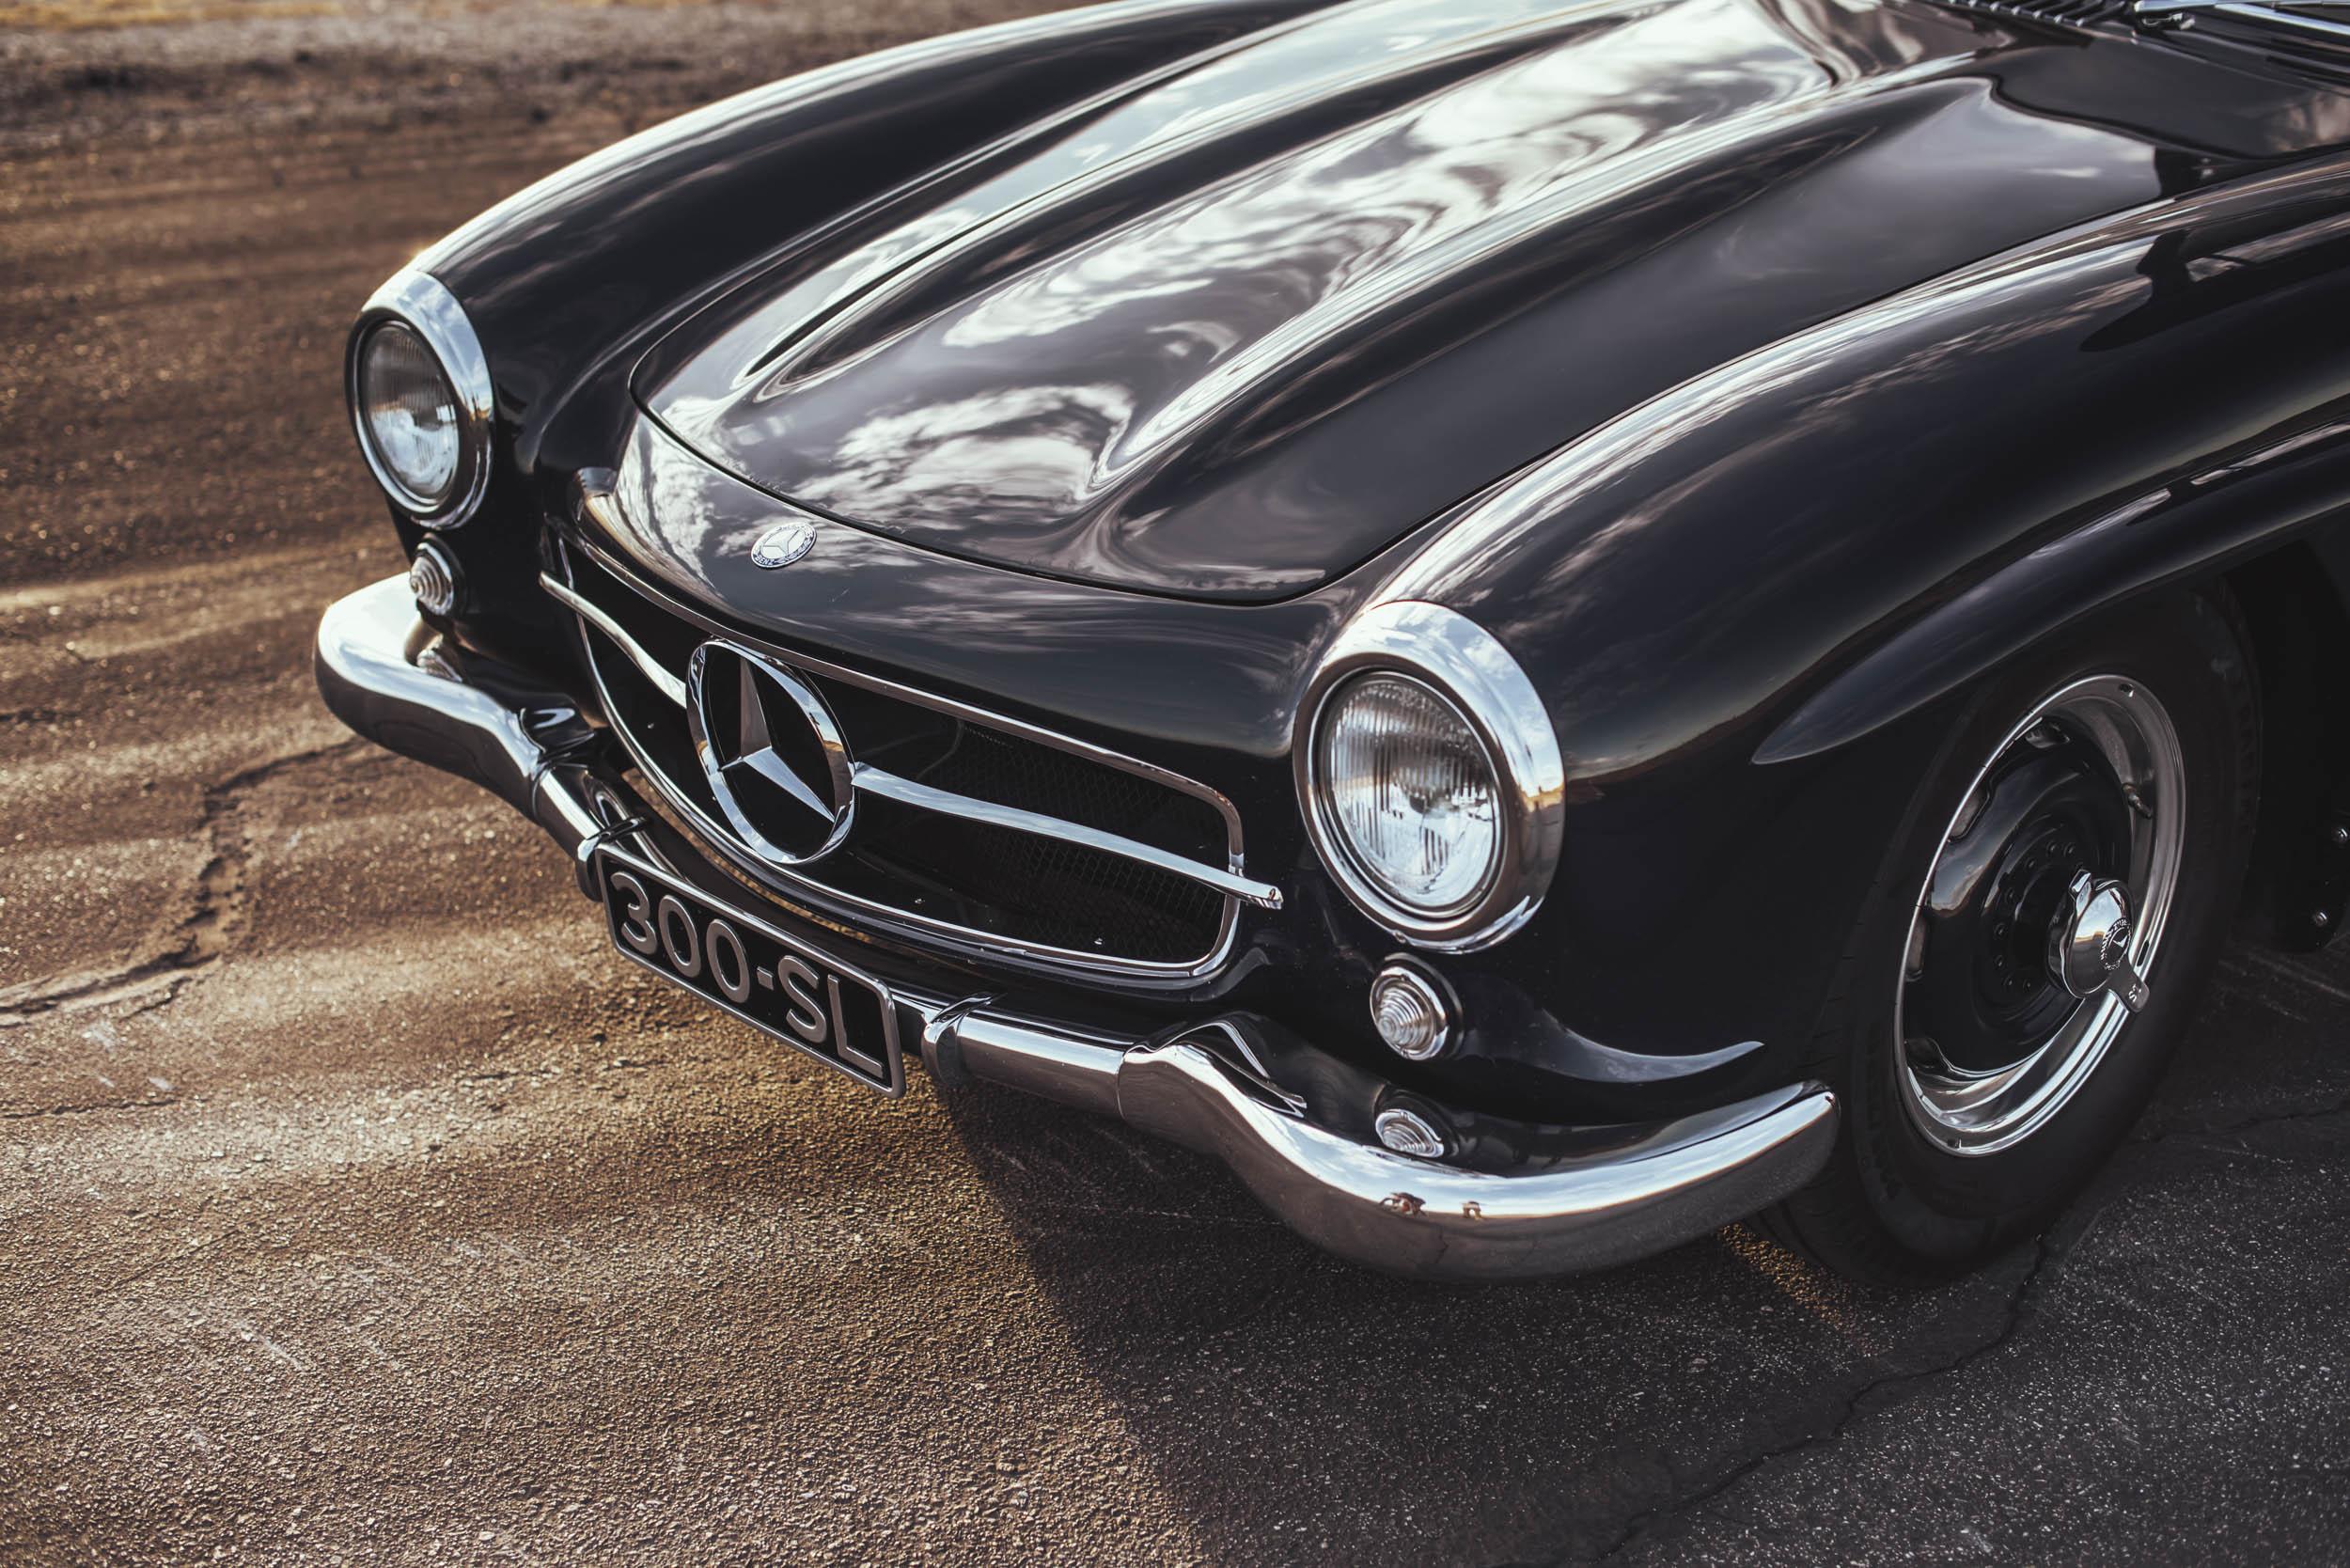 1955 Mercedes-Benz 300 SL Gullwing nose